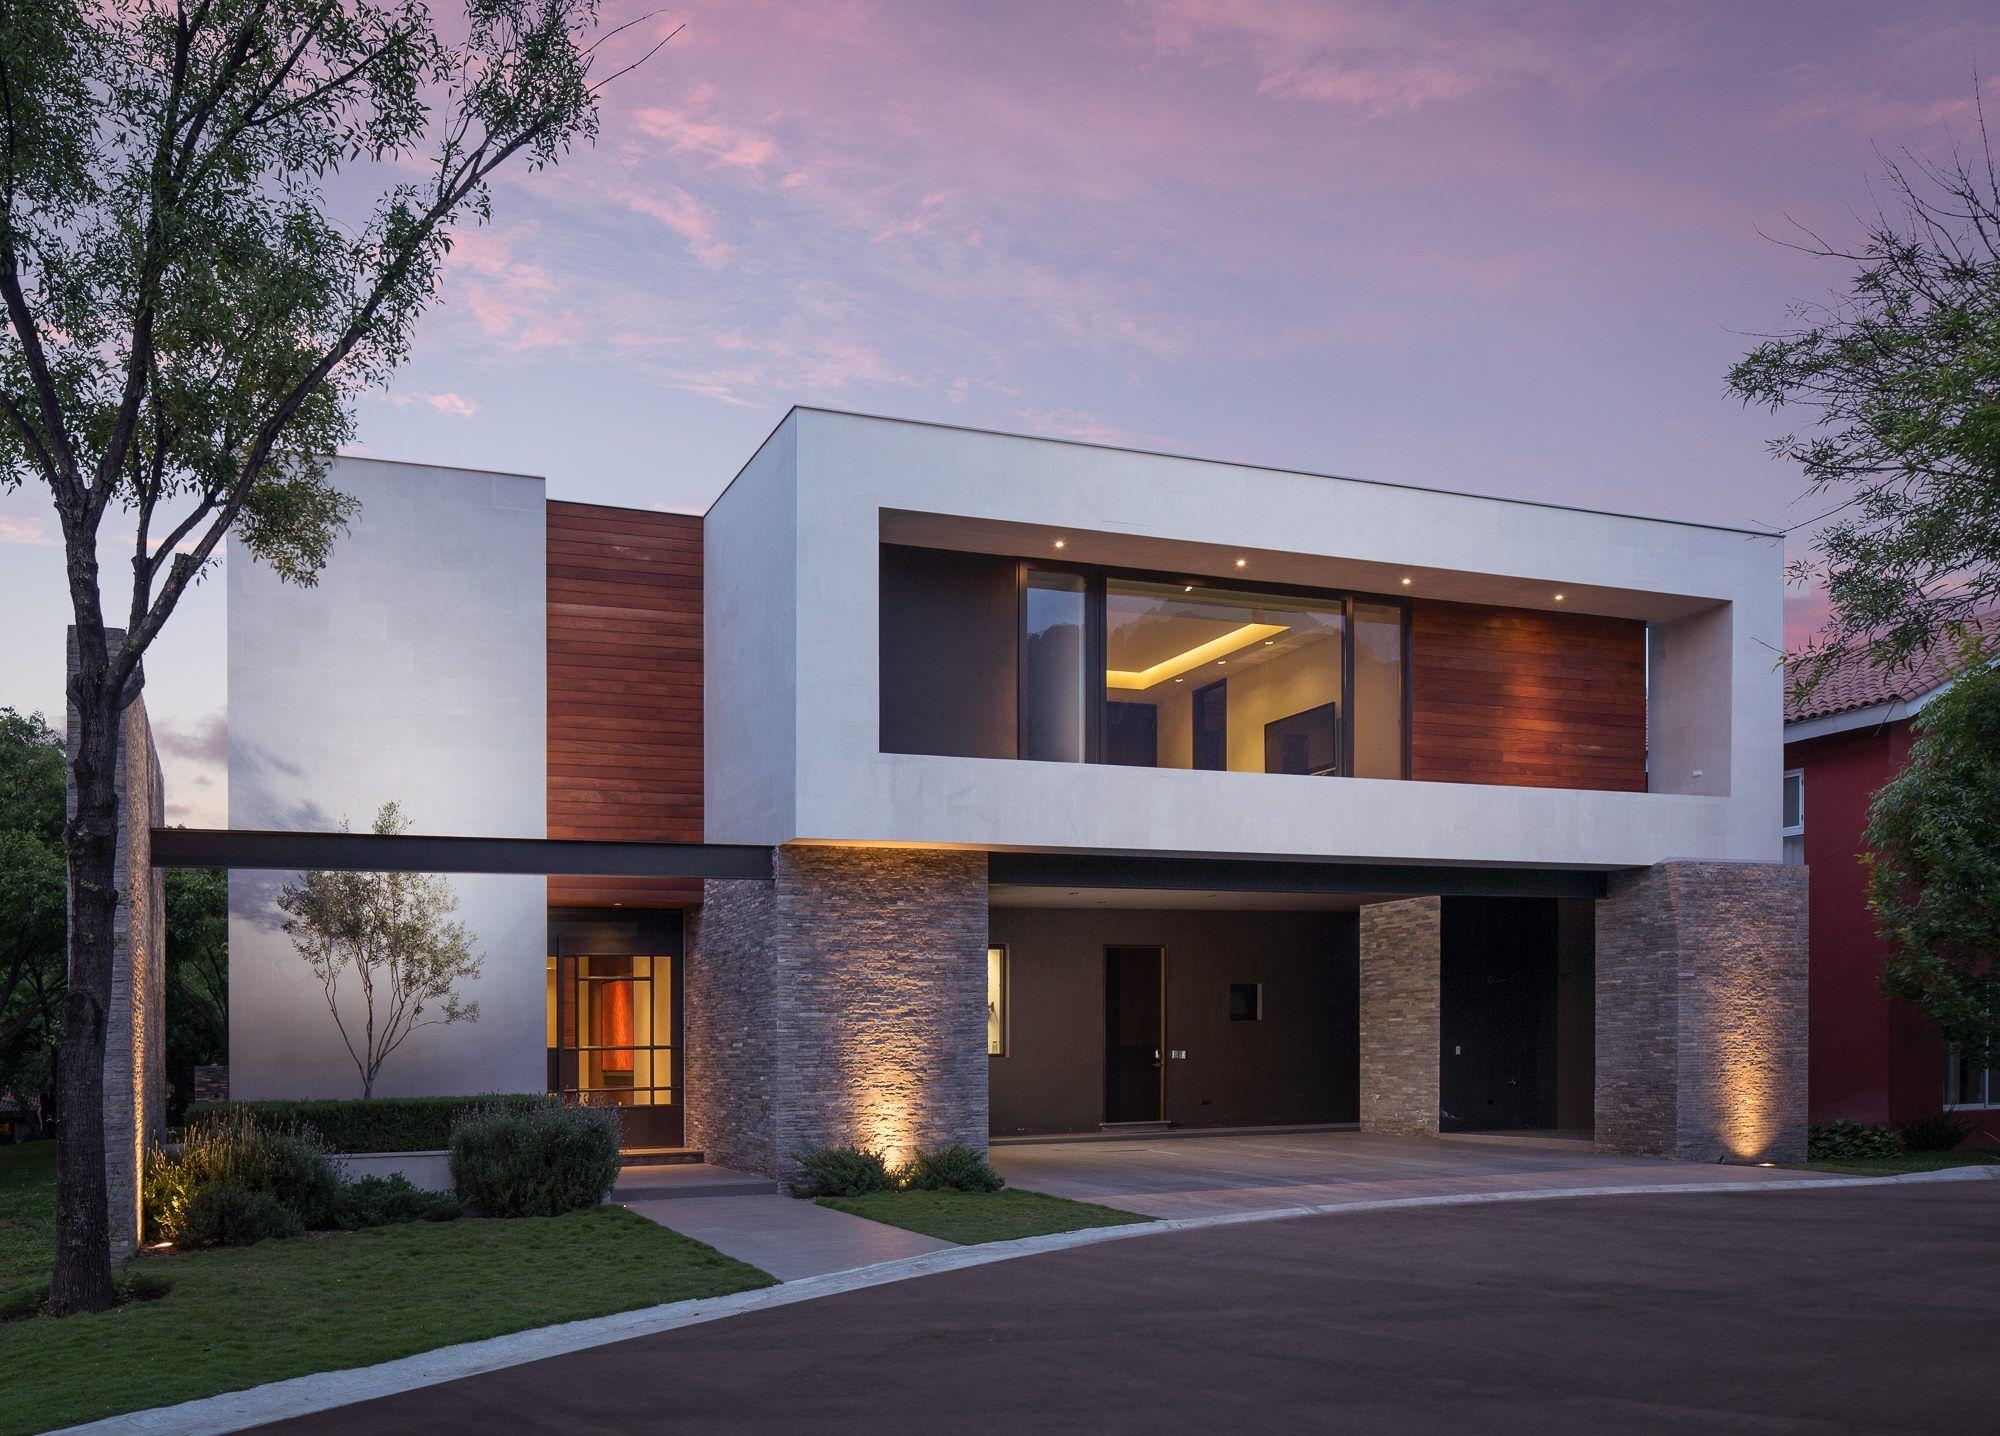 Pin de sivaseelan en design pinterest fachadas - Arquitectura moderna casas ...